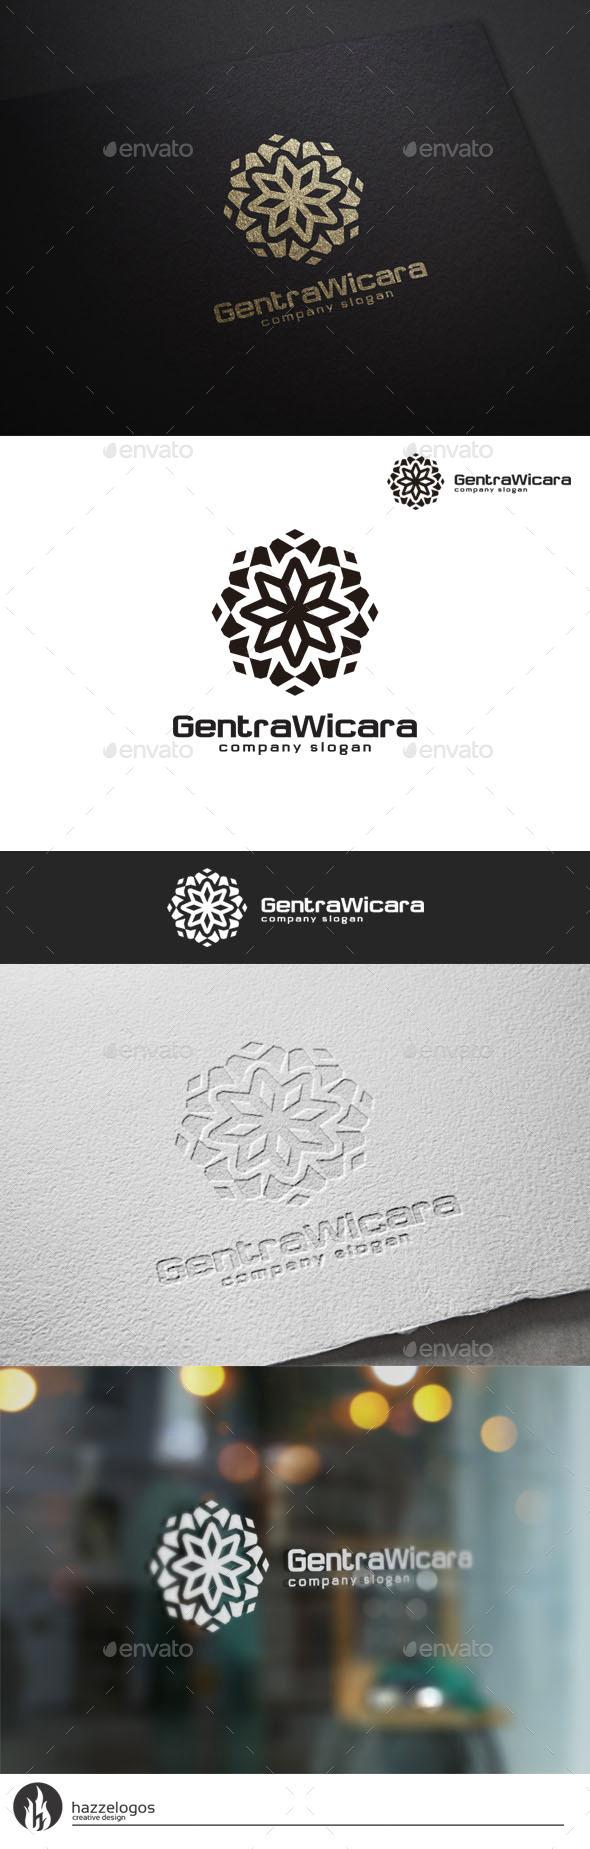 GraphicRiver Gentra Wicara Logo 10783469